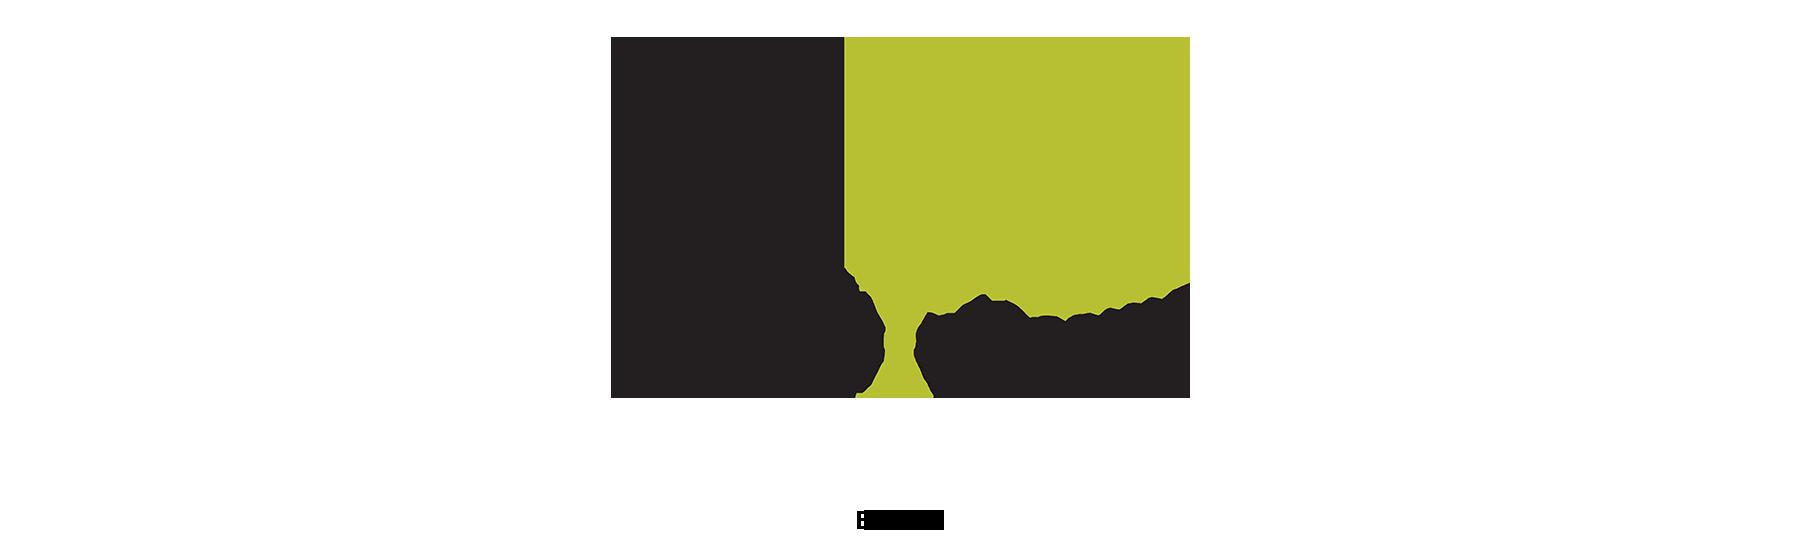 Midtown Crossing Before